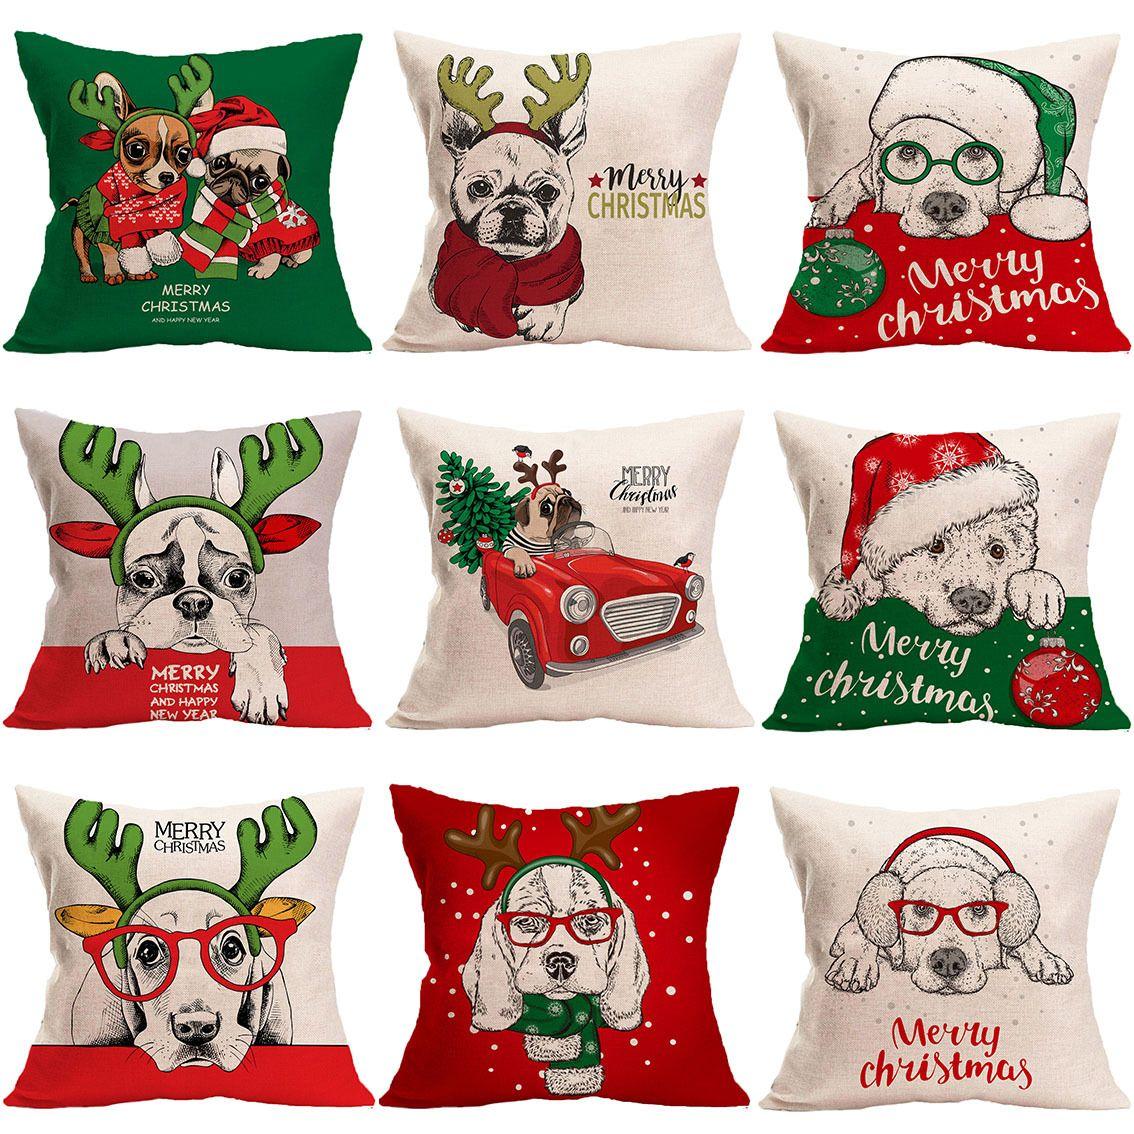 新款跨境亚麻圣诞抱枕套狗狗动物卡通家居装饰沙发靠垫套汽车靠枕